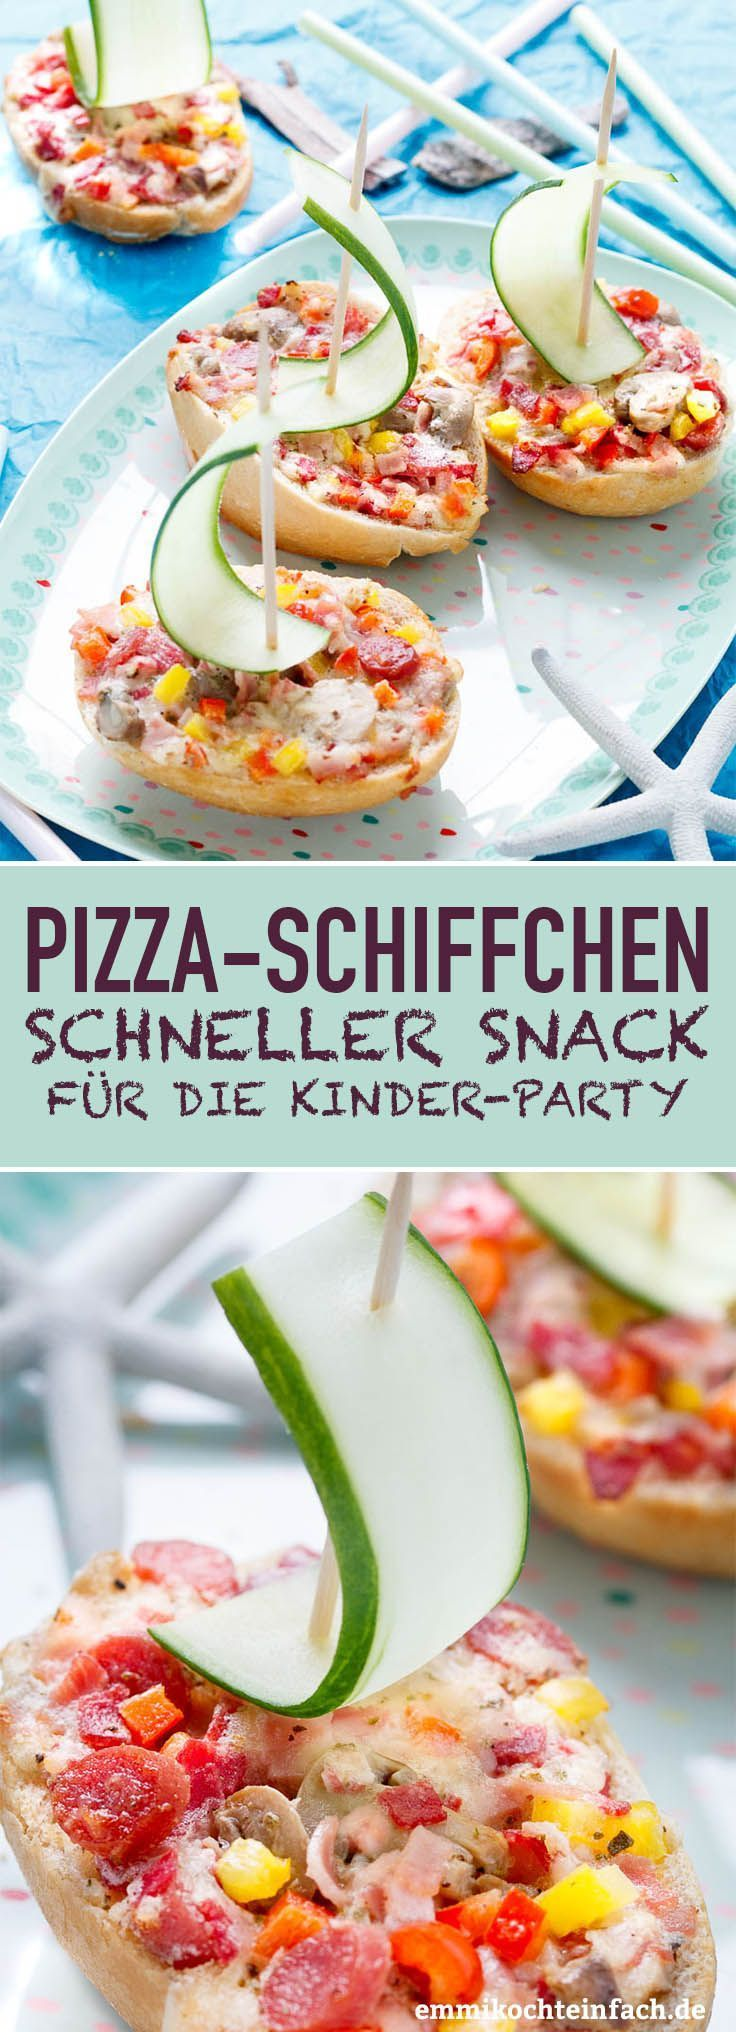 Pizza-Schiffchen - Der schnelle Snack für die Kinder-Party #apéritifsfestifs